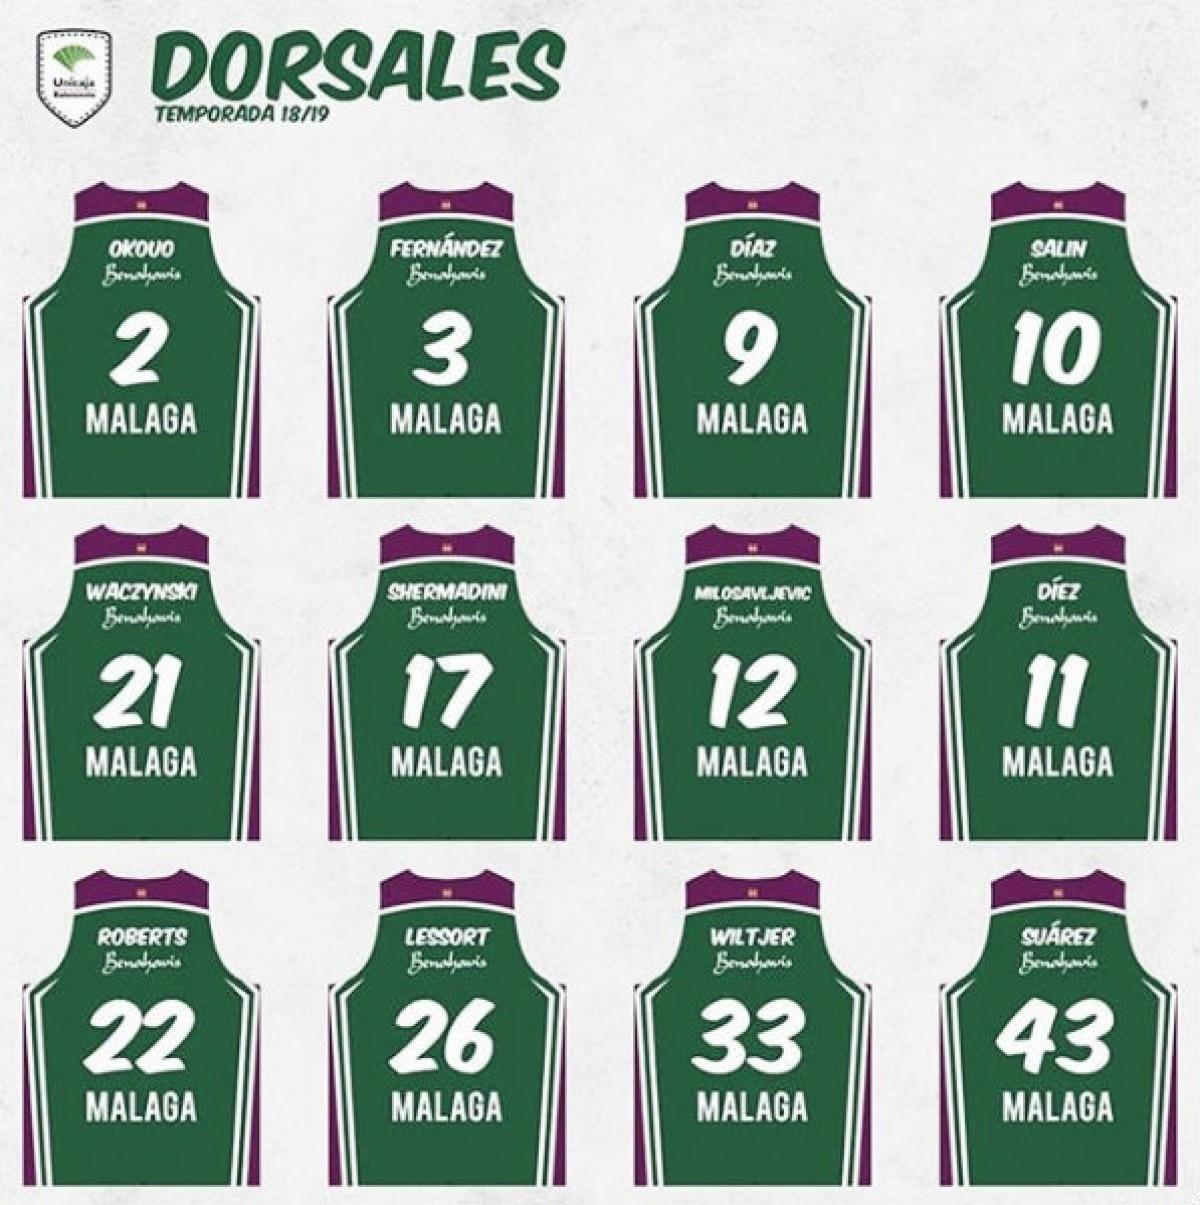 Los nuevos dorsales de la temporada 2018/2019 en el Unicaja Málaga